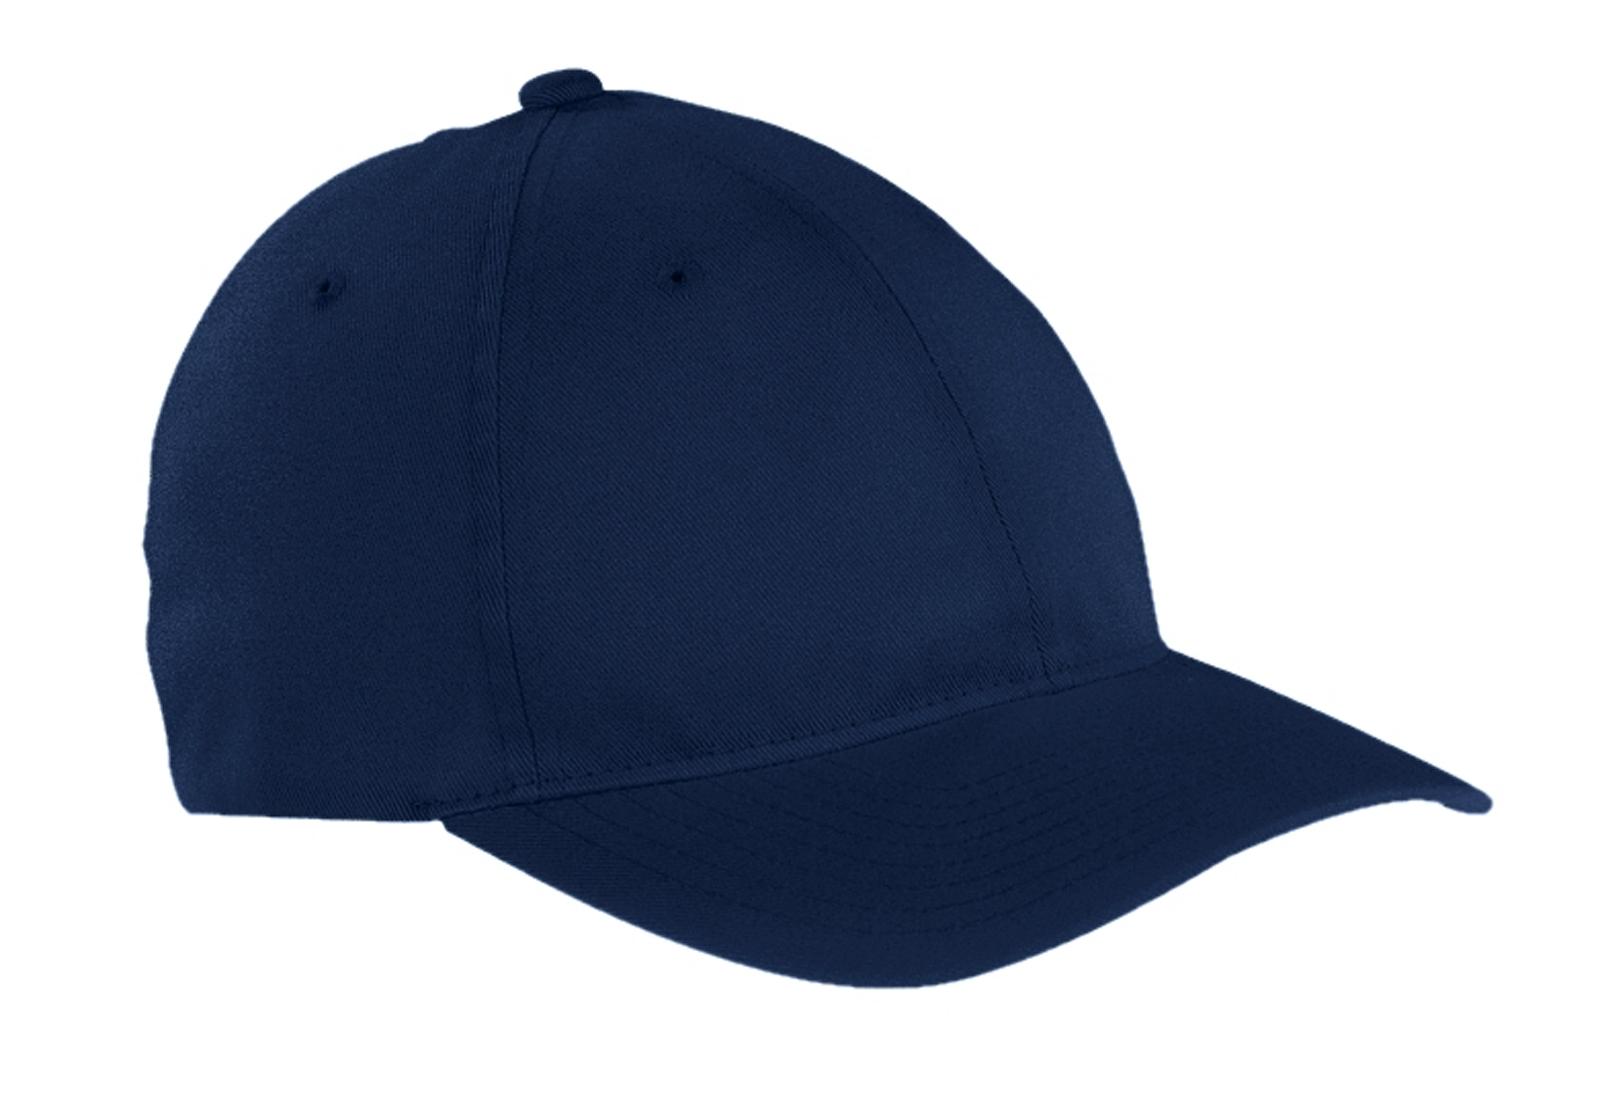 FlexFit Garment-Washed Cotton Cap